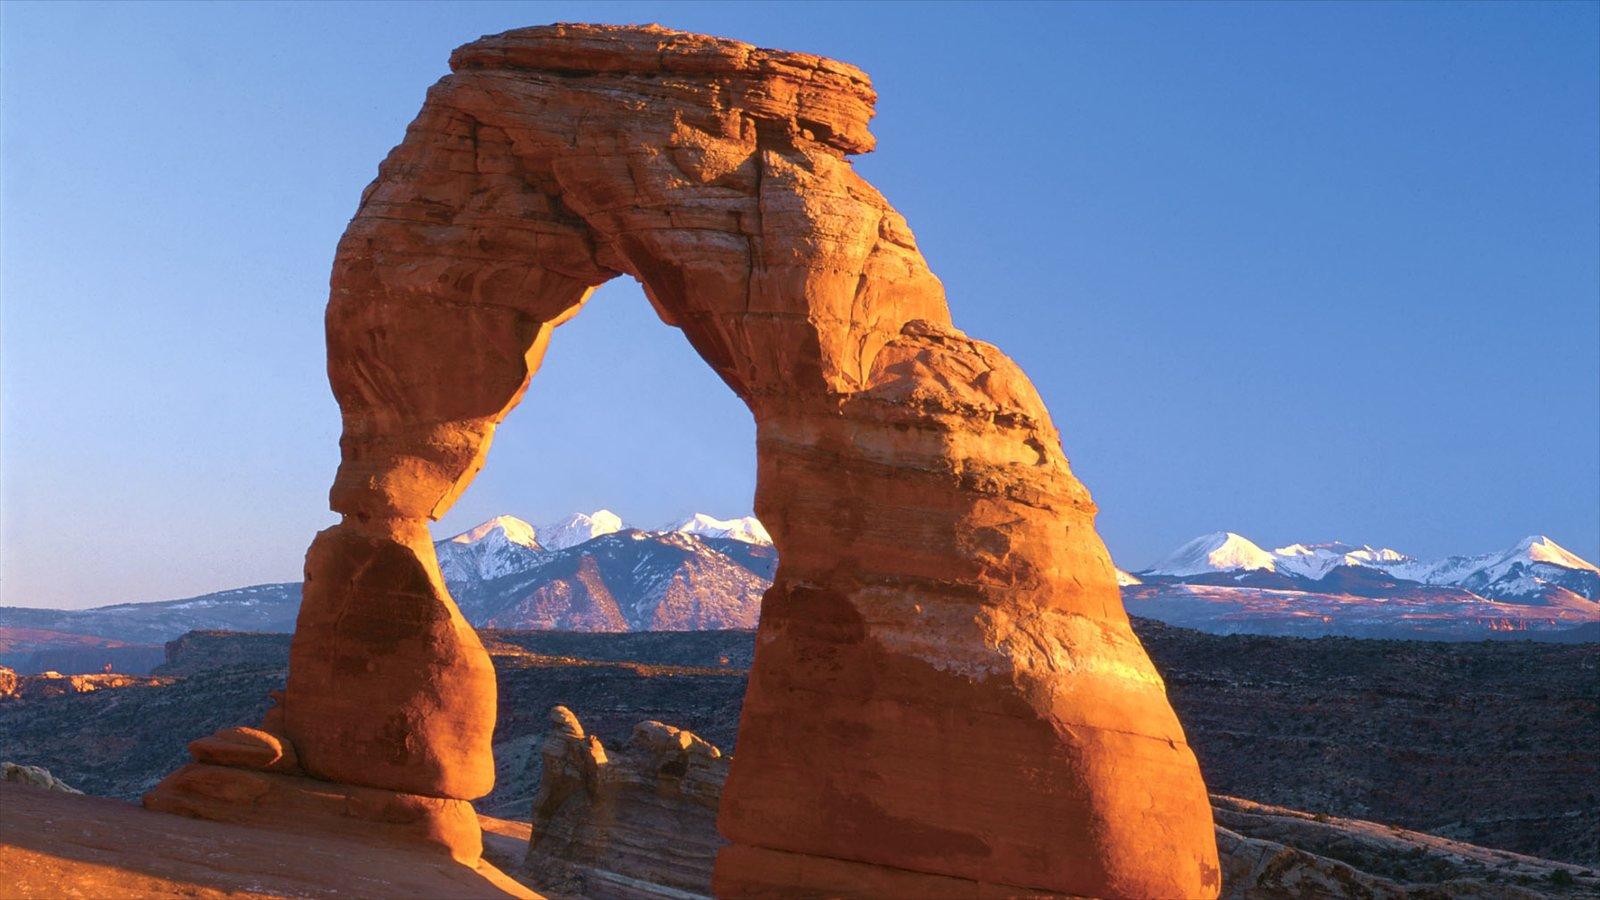 Moab que inclui paisagens do deserto e um desfiladeiro ou canyon